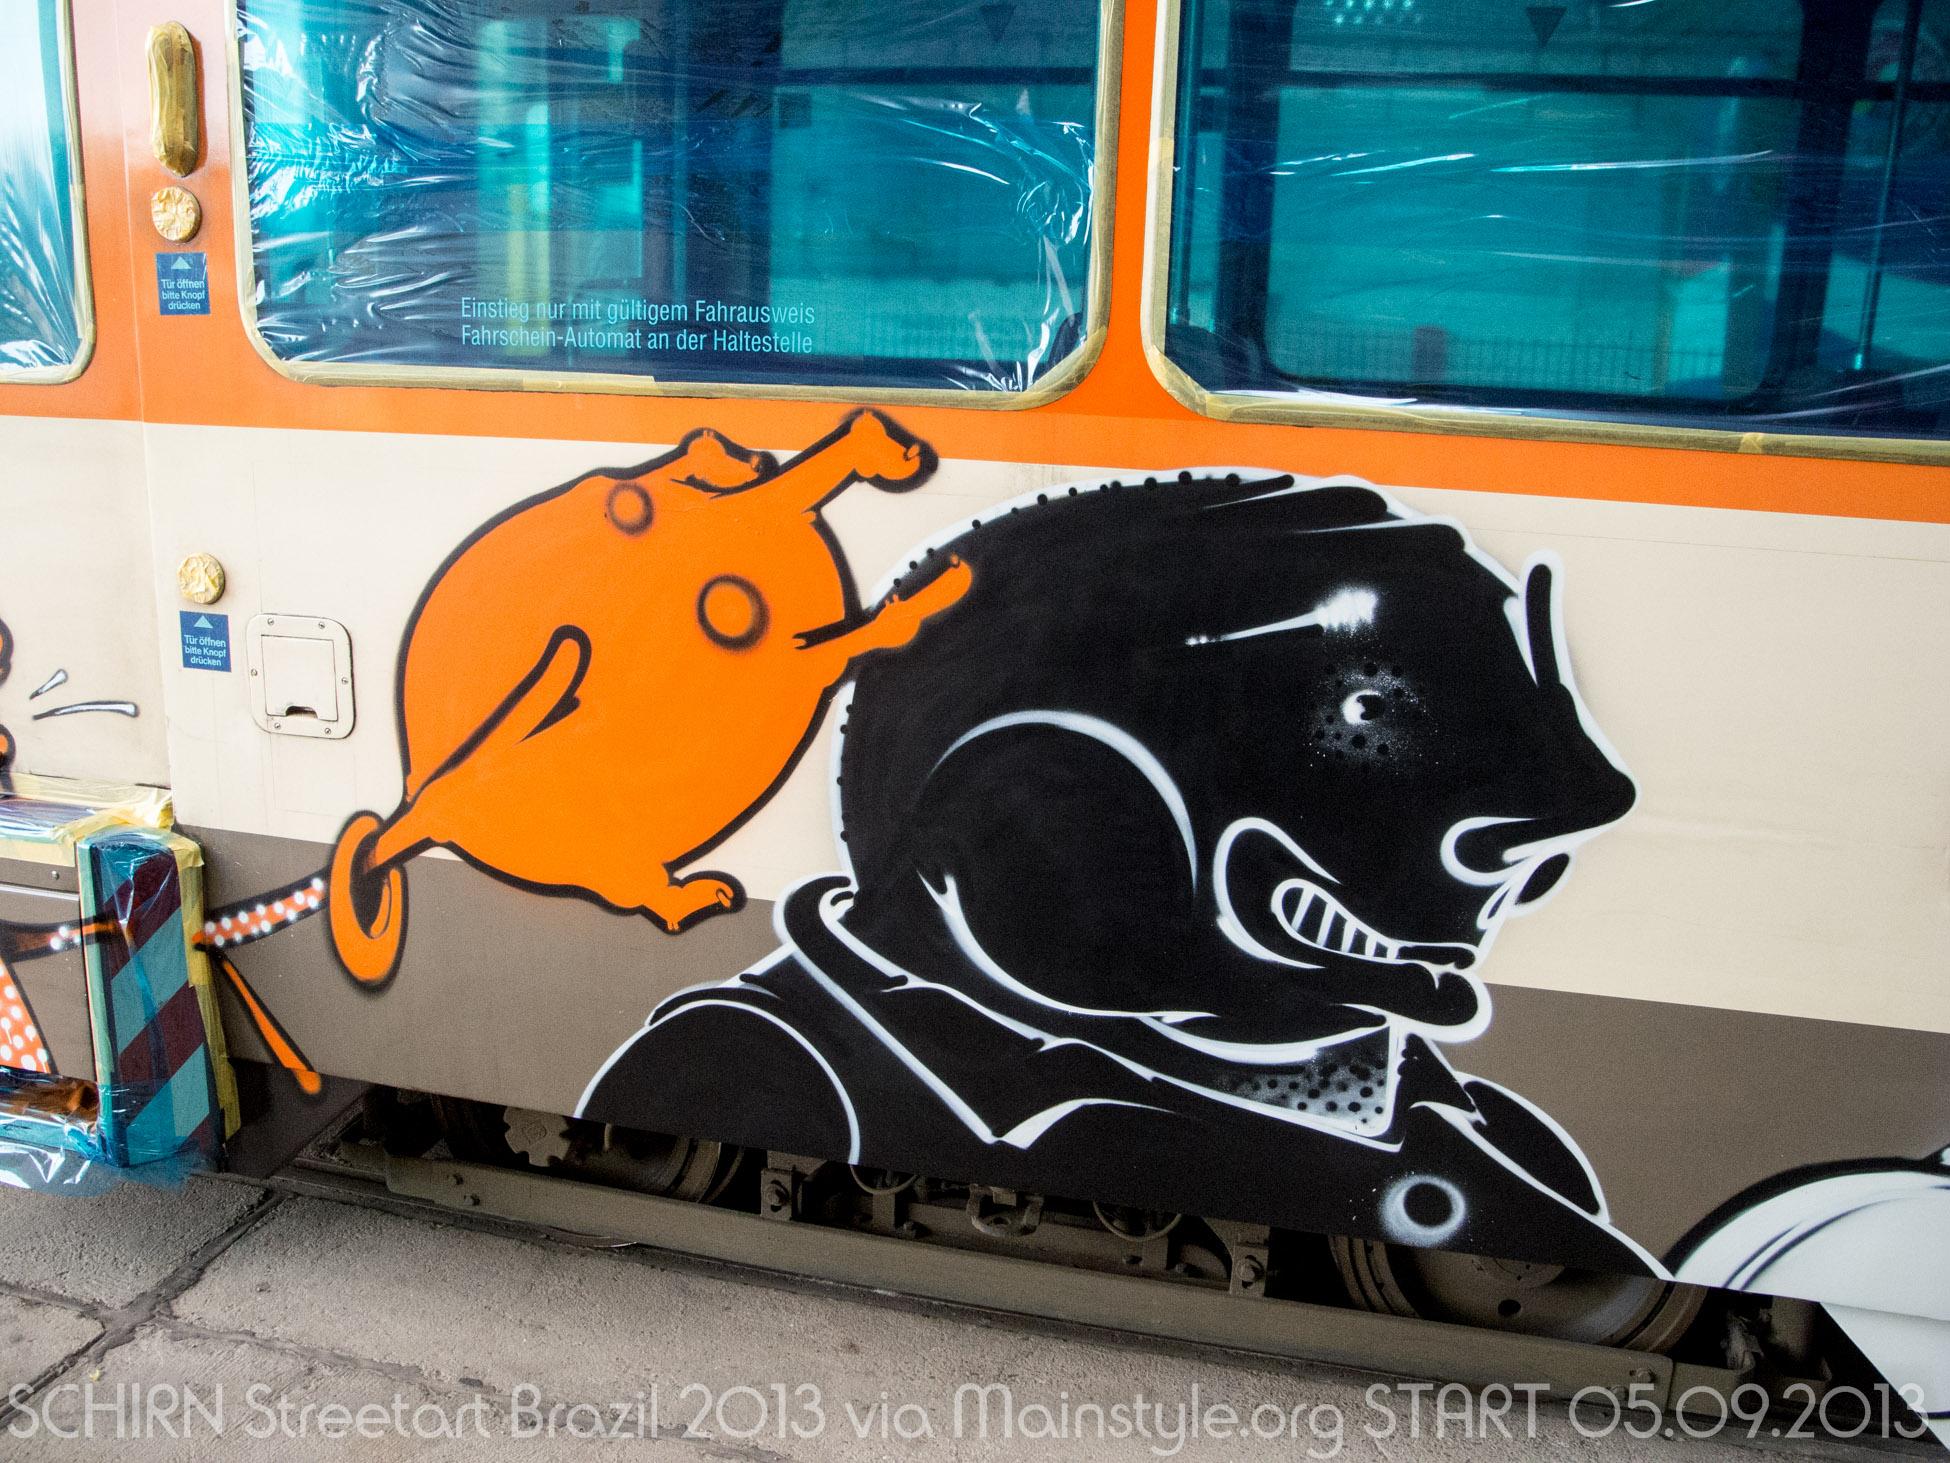 Streetart Brazil SCHIRN Frankfurt 2013_ (10 von 25)